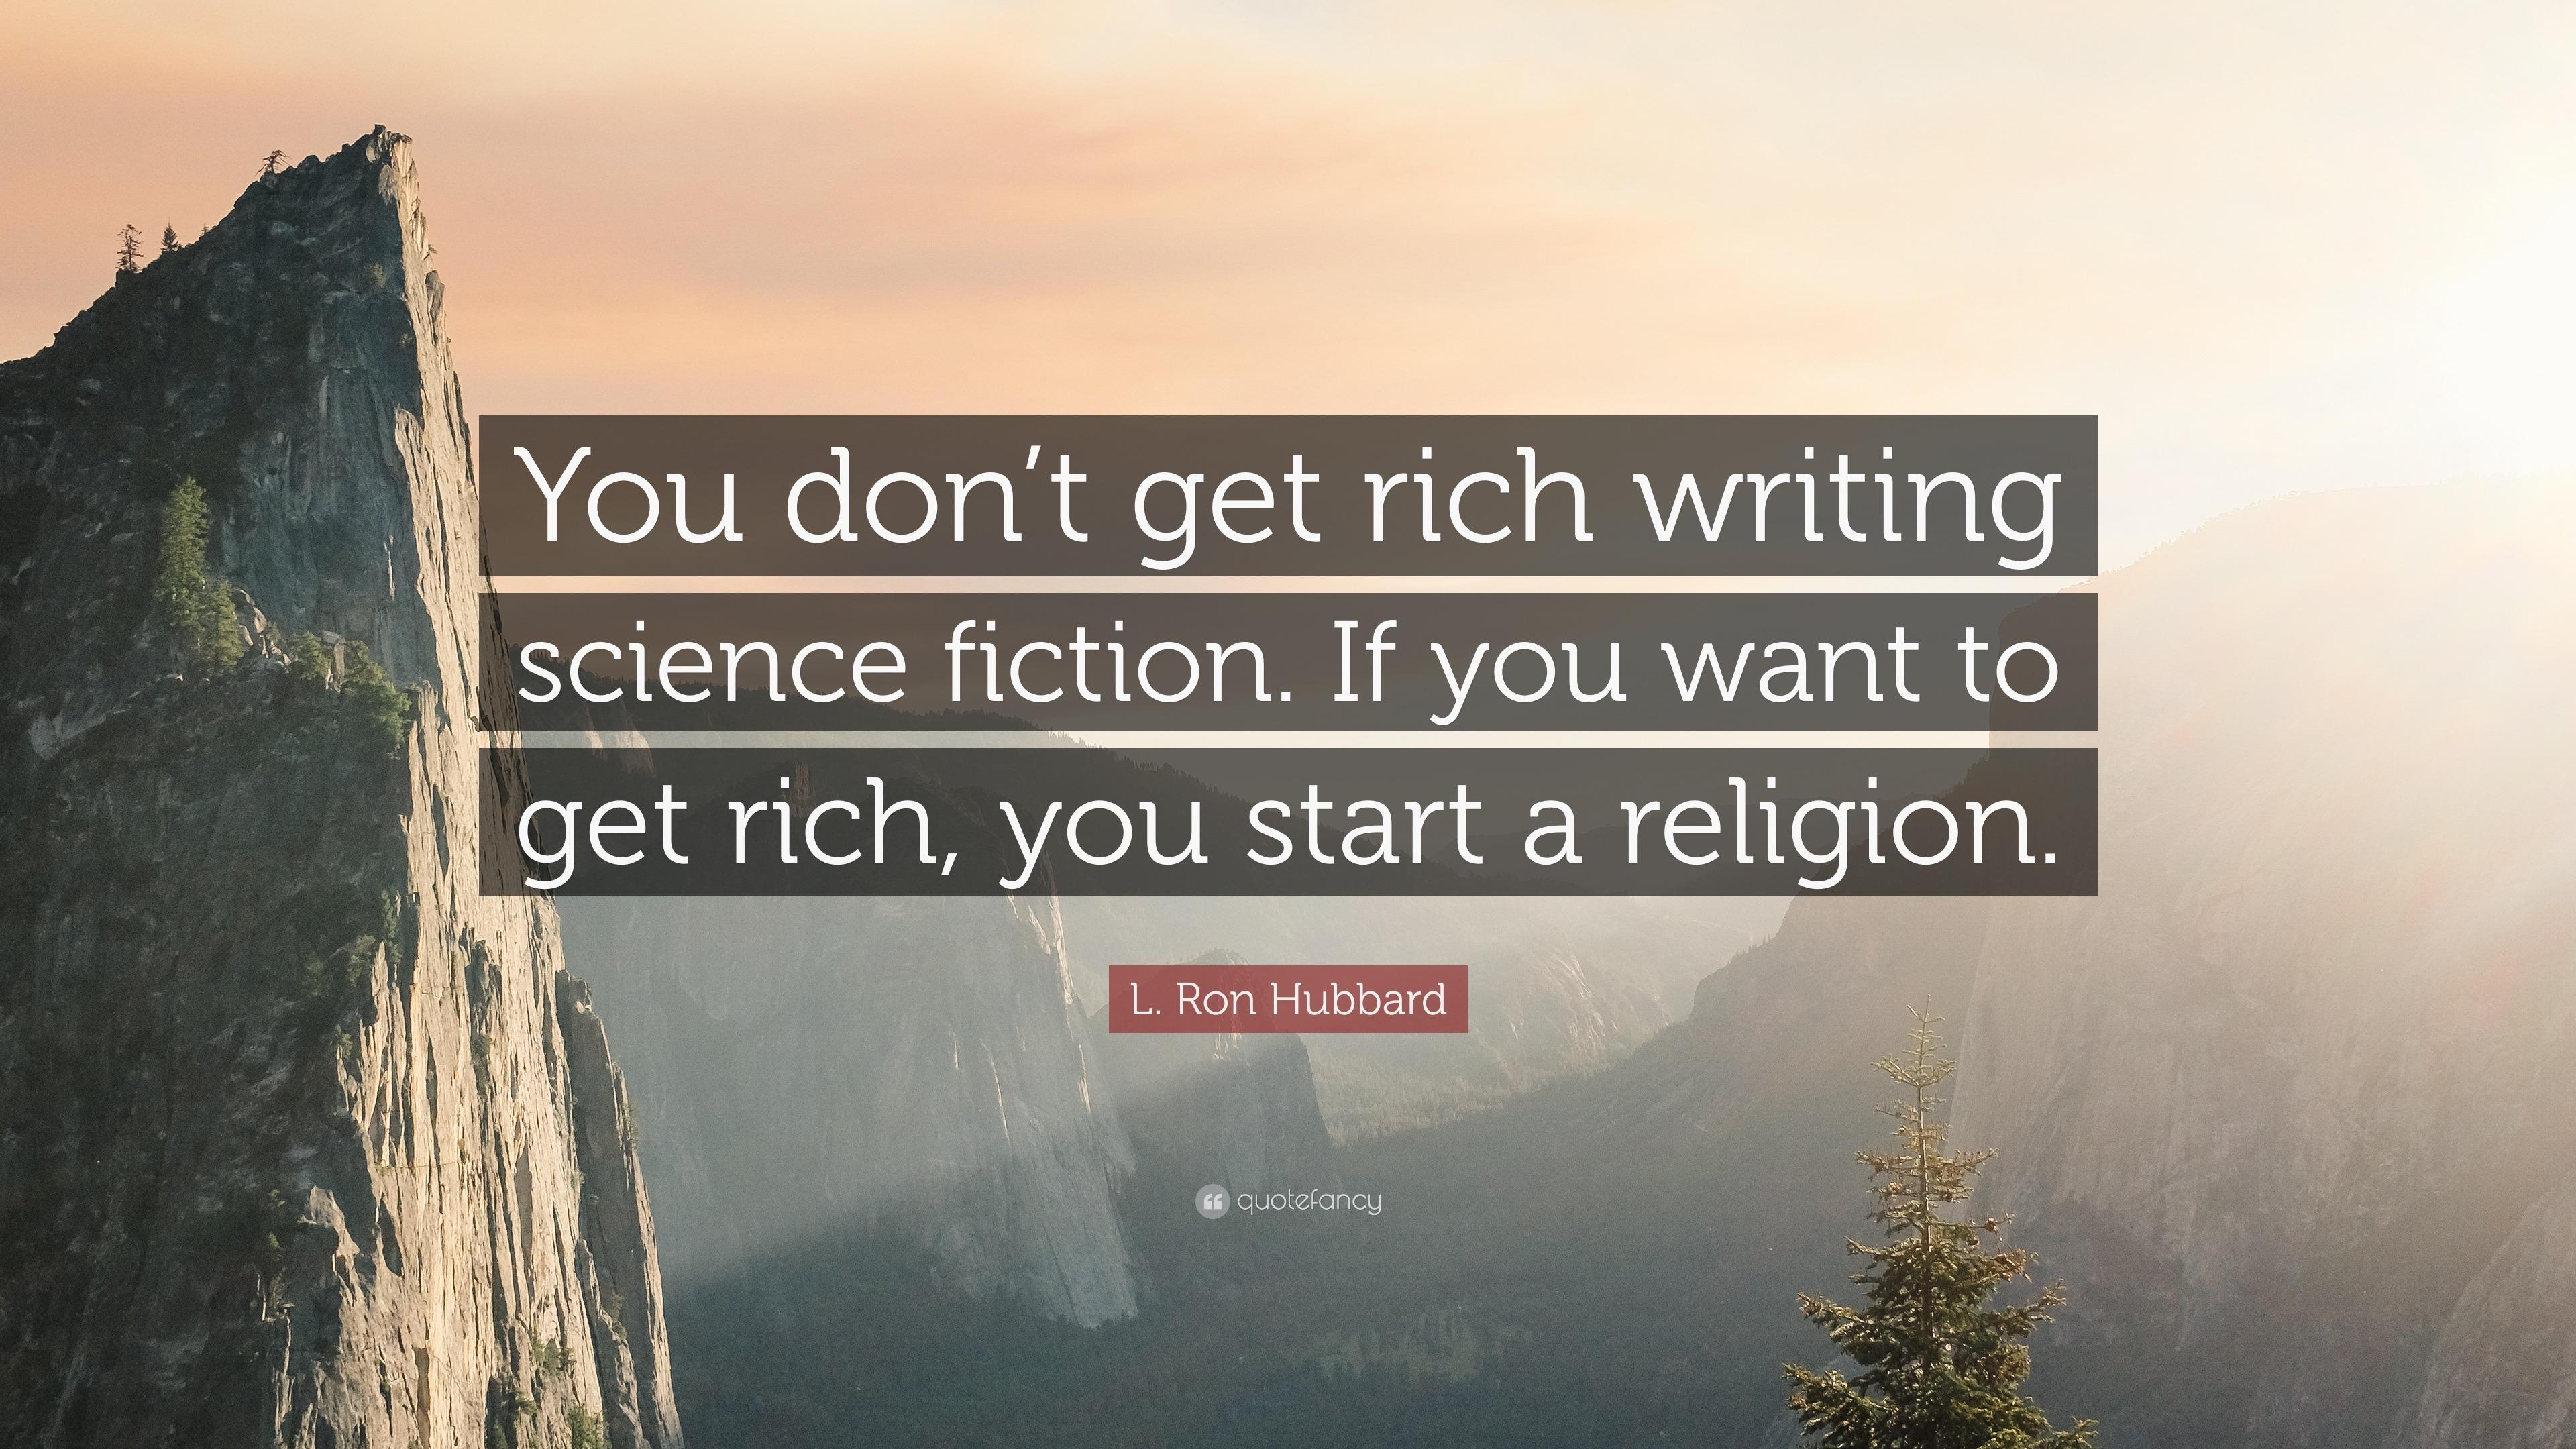 want to get rich start a religion instaforex no deposit bonus $100